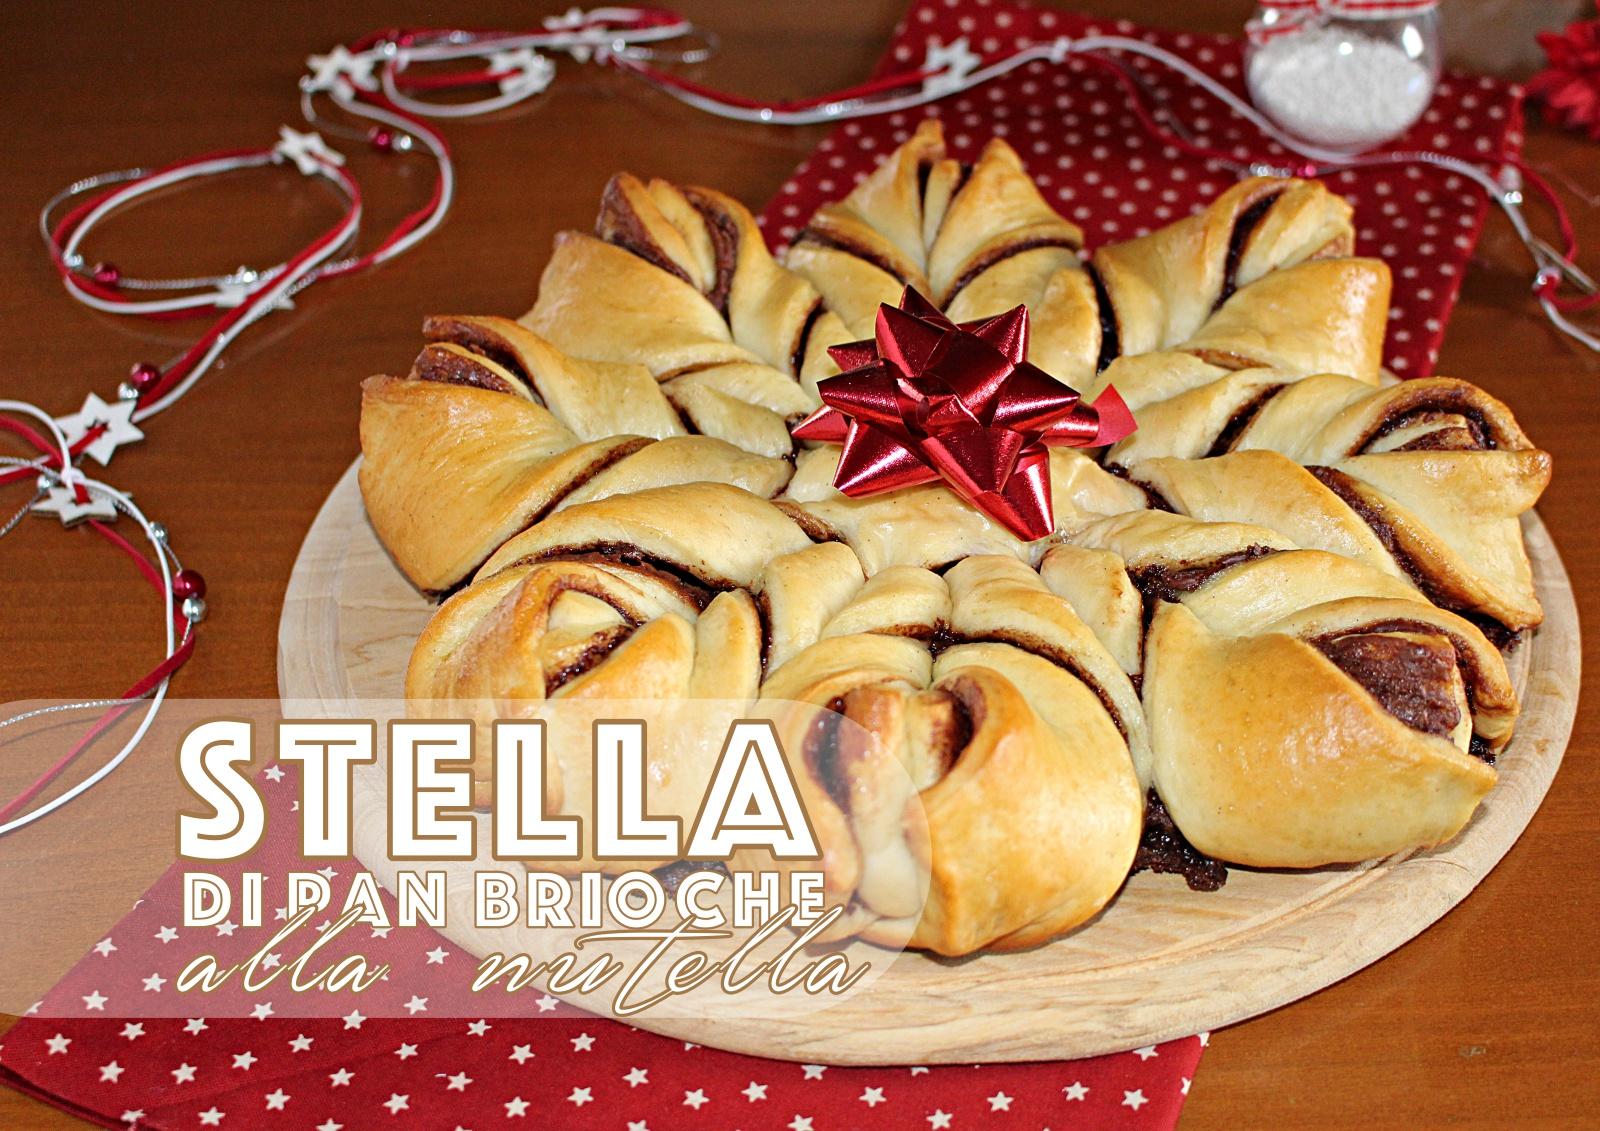 Torta stella di pan brioche alla nutella, per le feste di Natale